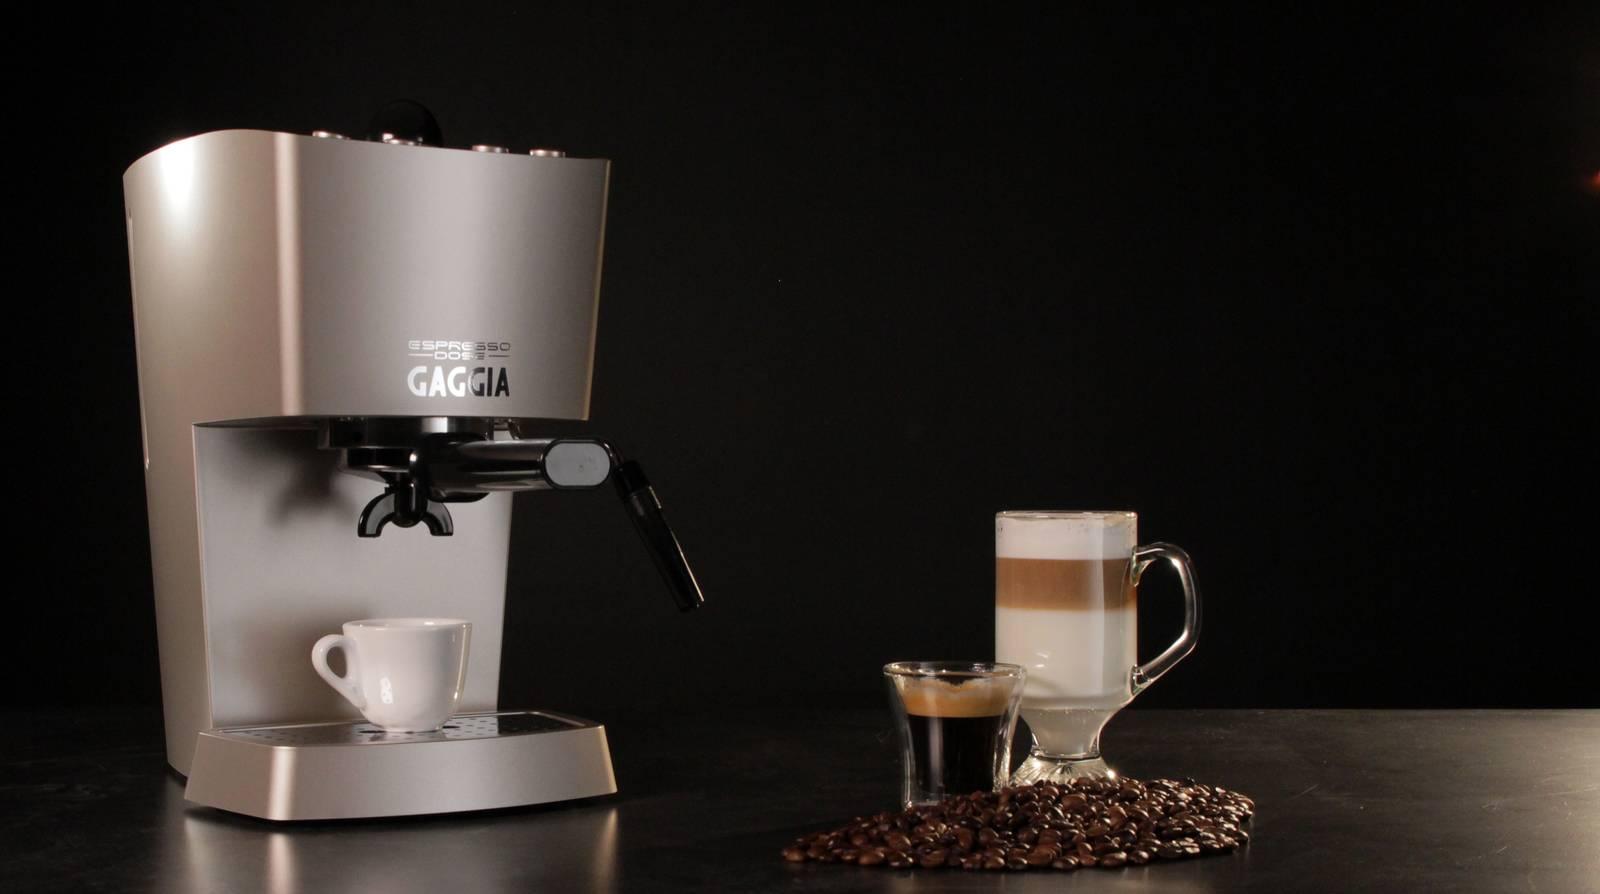 Лучшие рожковые кофеварки: 6 топовых моделей